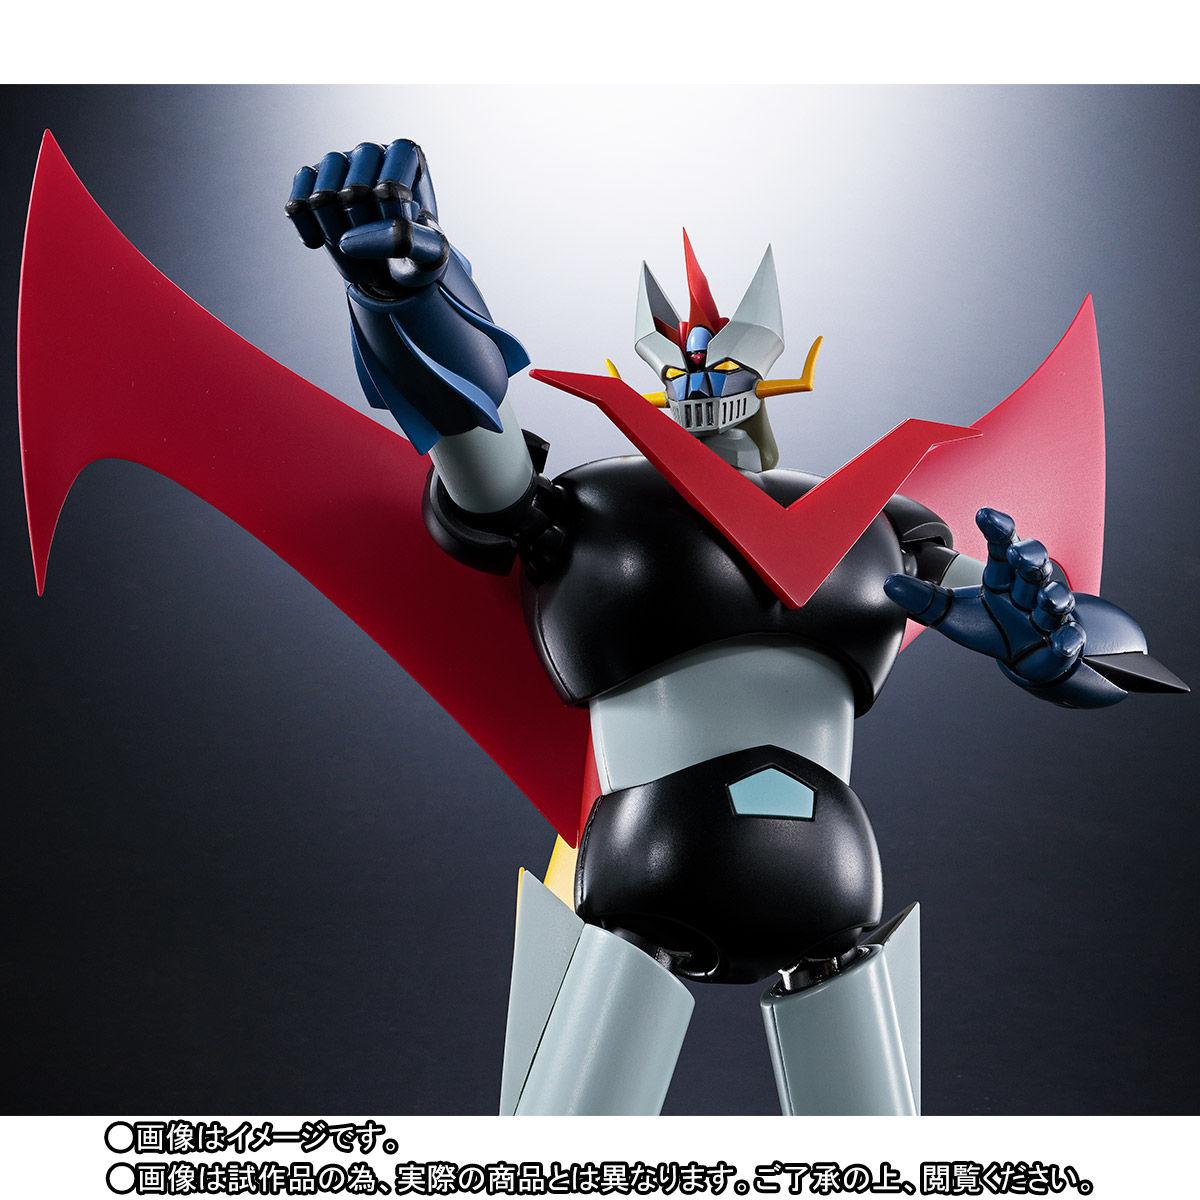 超合金魂 GX-73SP『グレートマジンガー D.C. アニメカラーバージョン』可動フィギュア-004